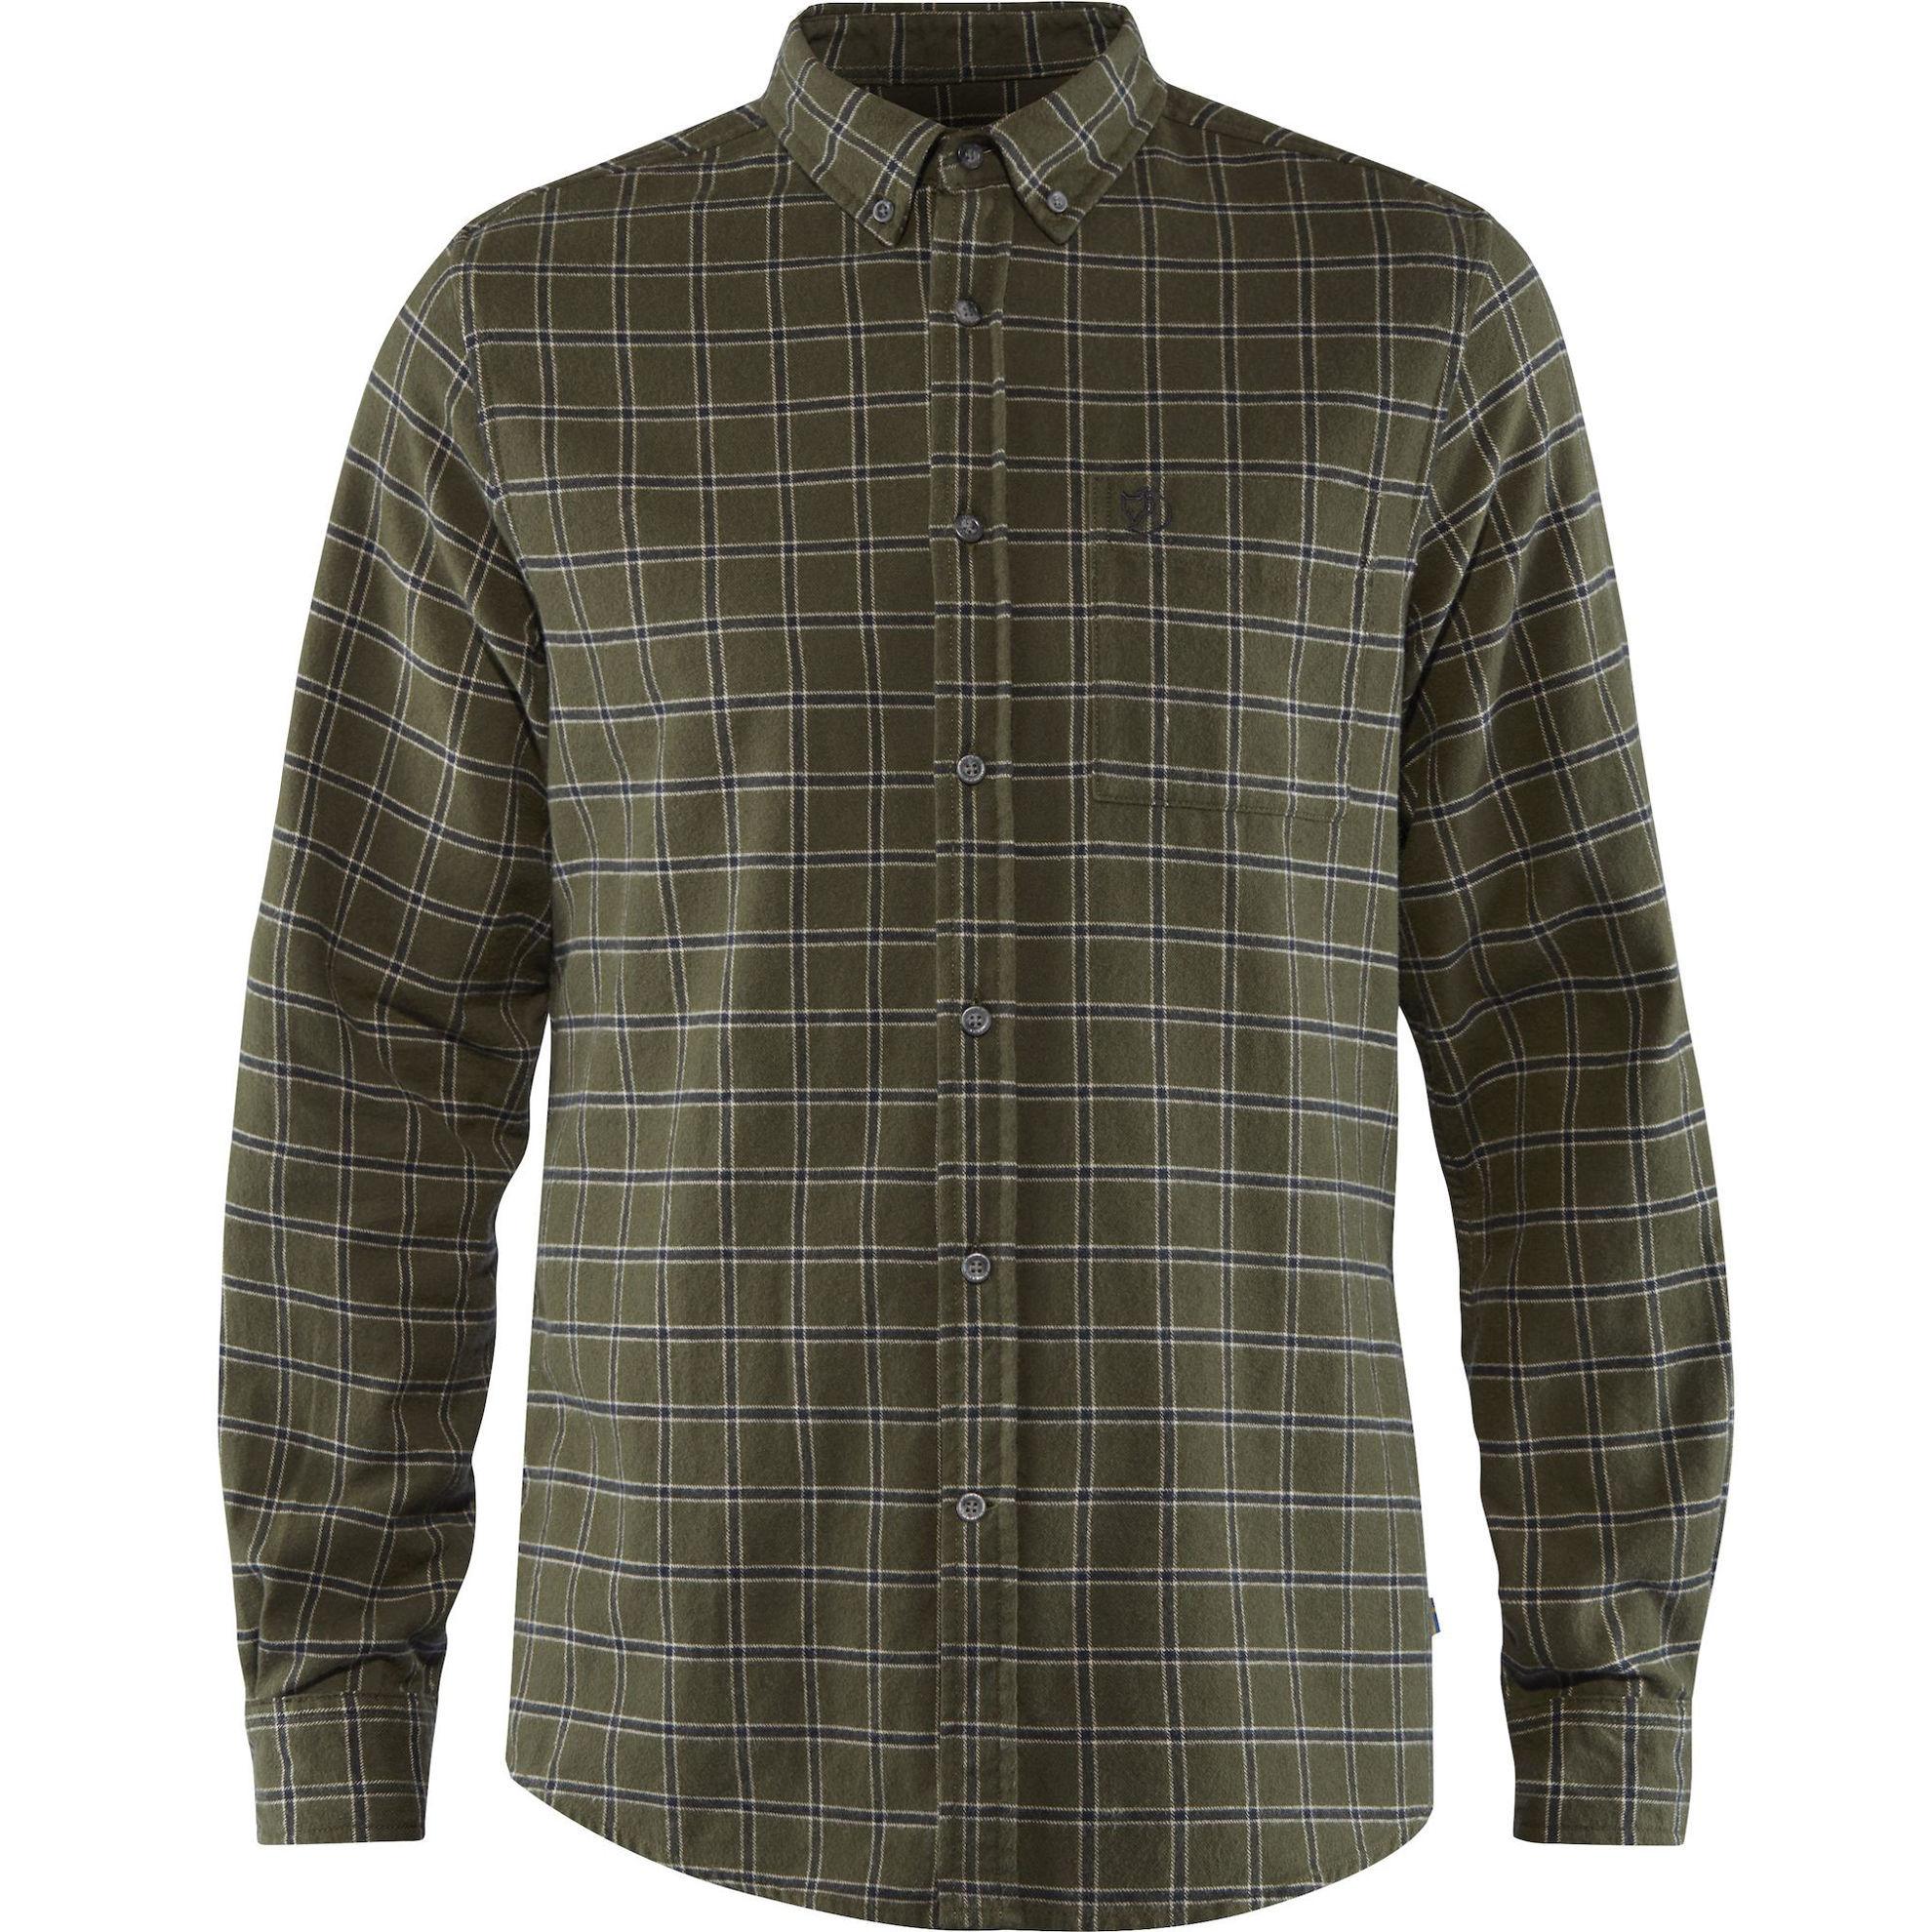 Bilde av Övik Flannel Shirt M